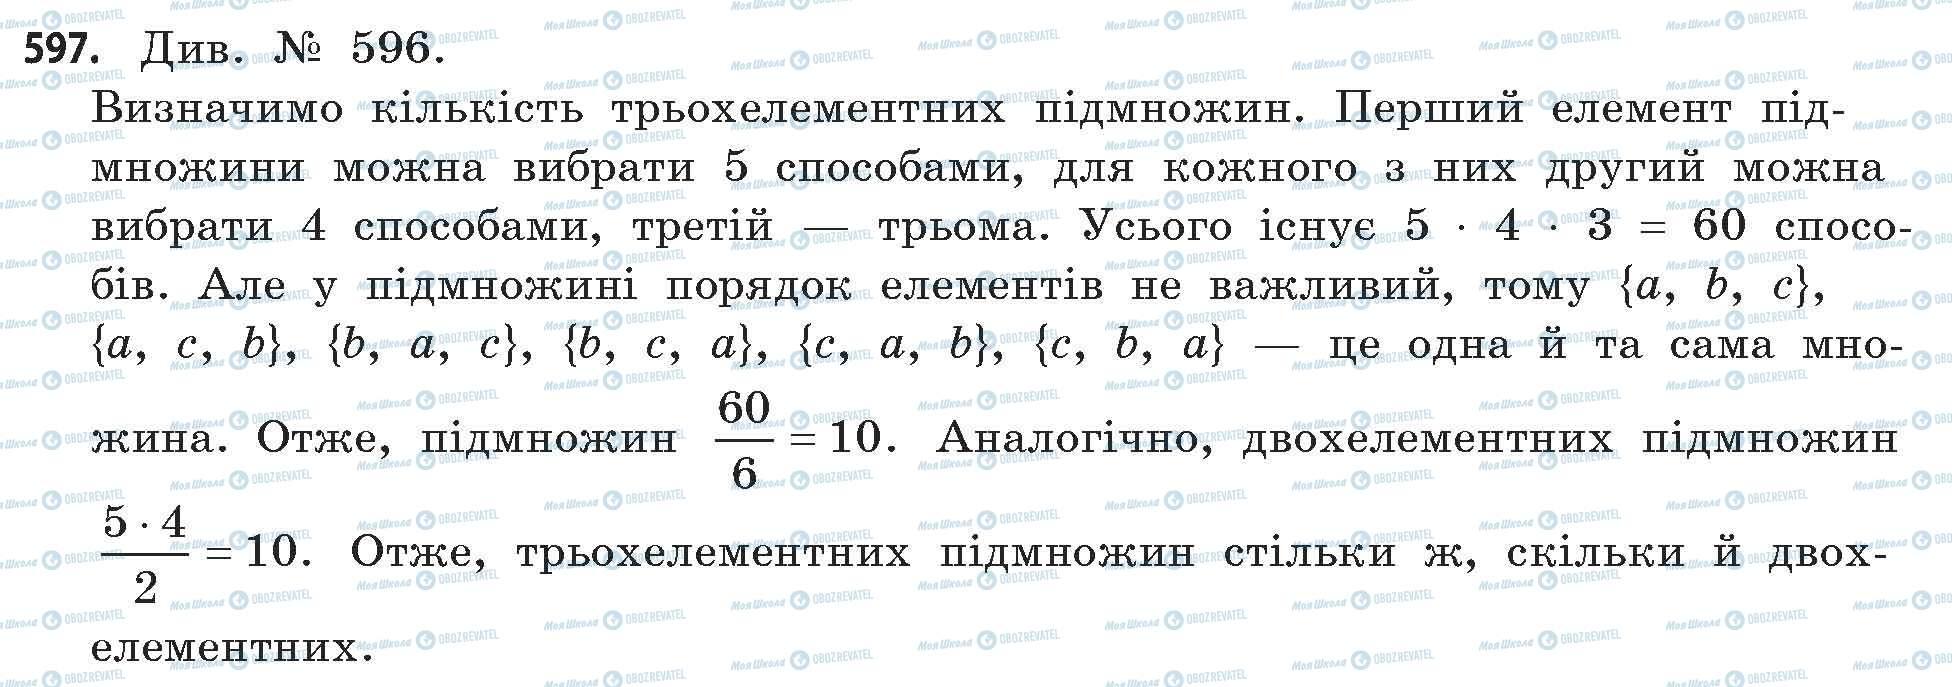 ГДЗ Математика 11 класс страница 597